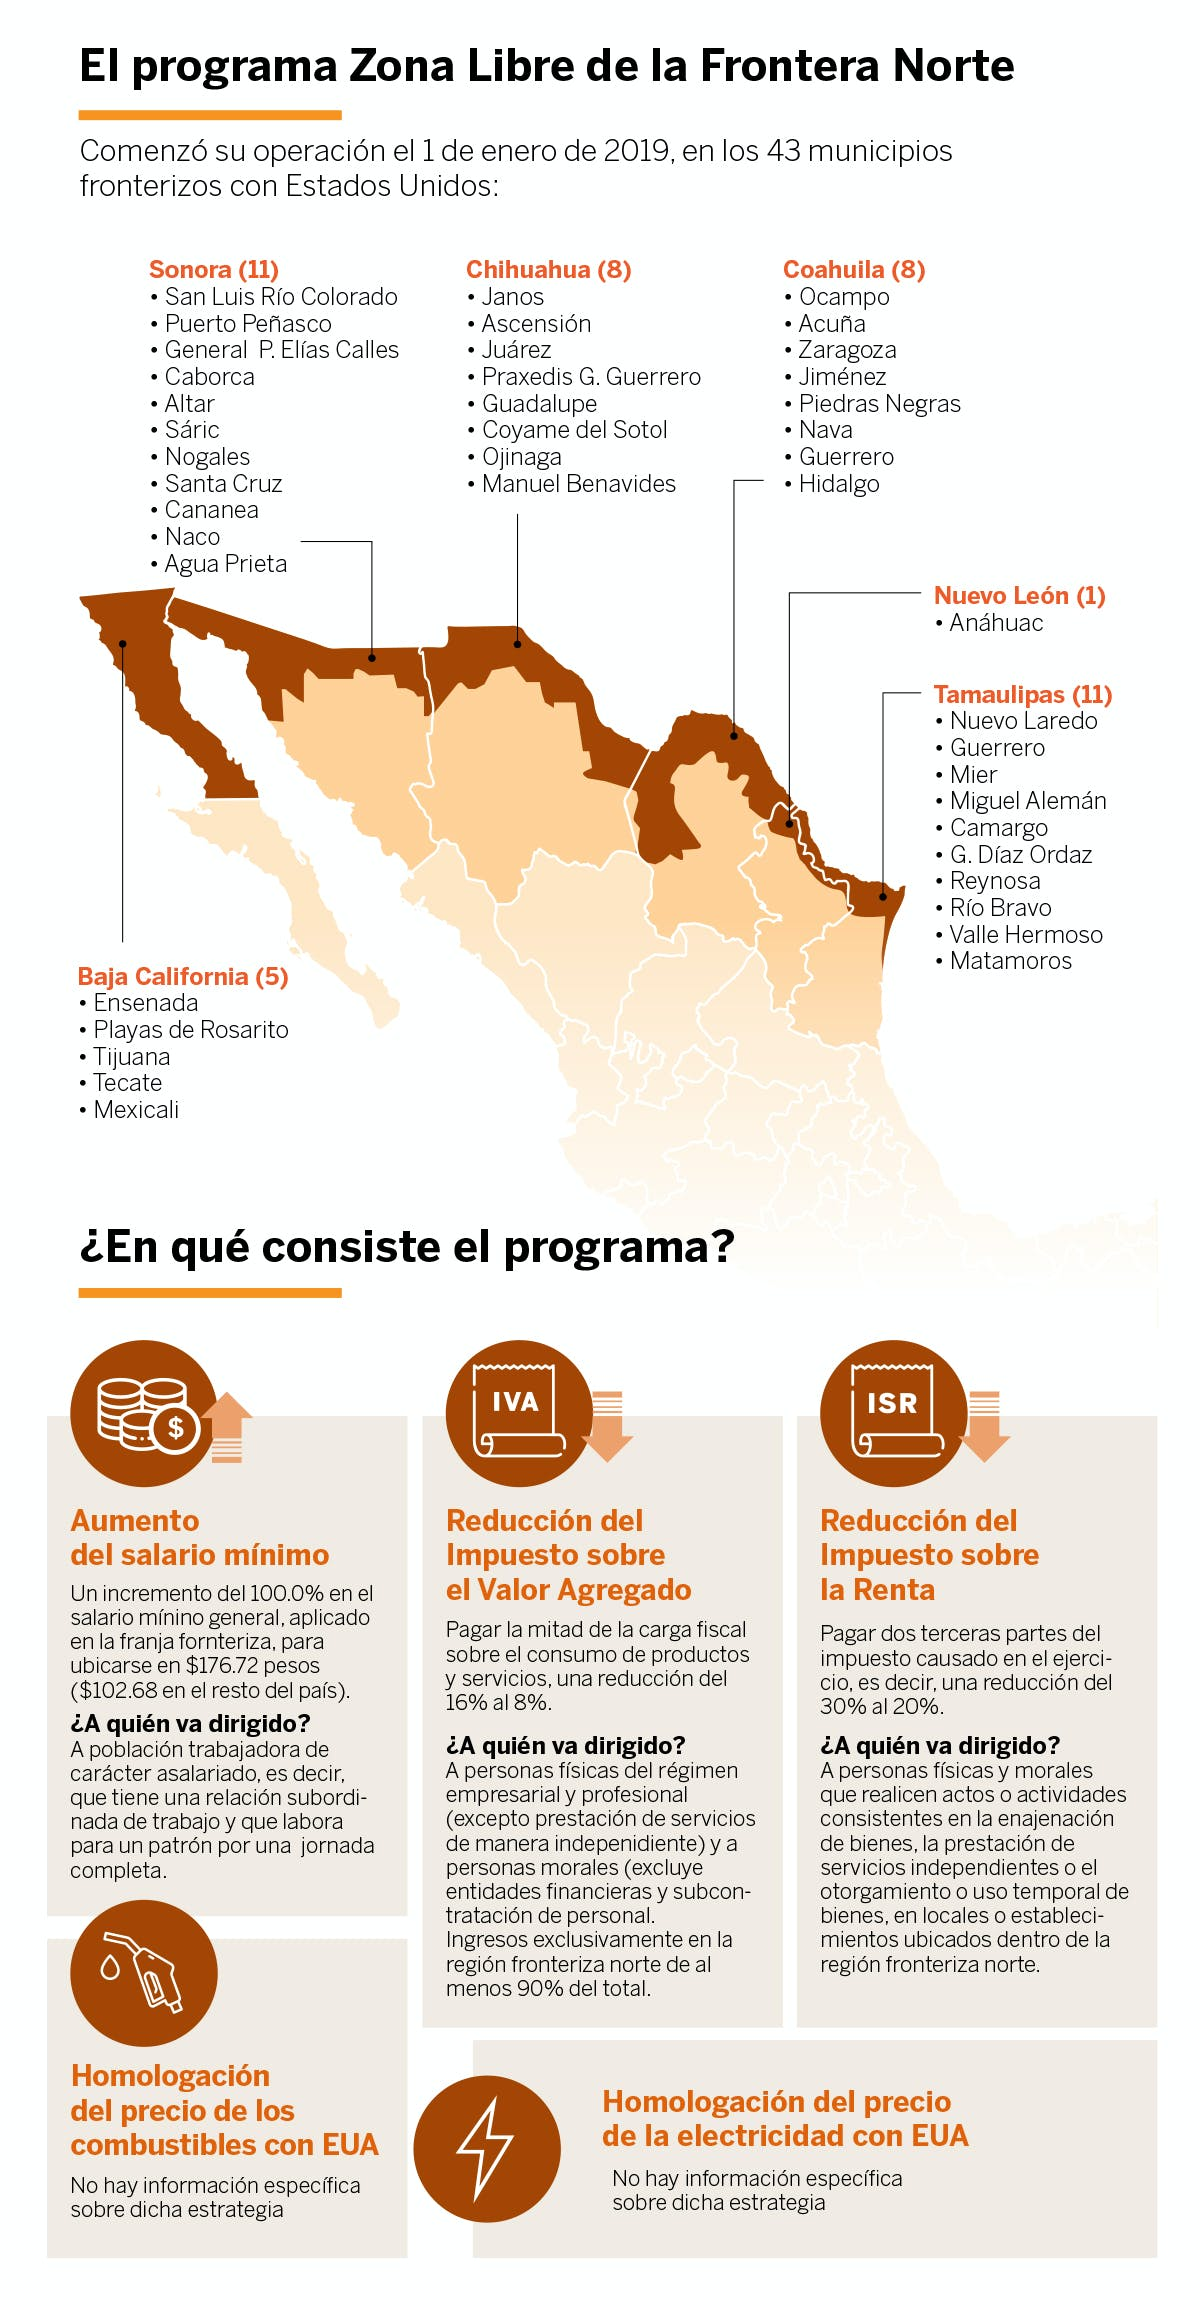 Grafica que describe el programa zona libre de la frontera norte